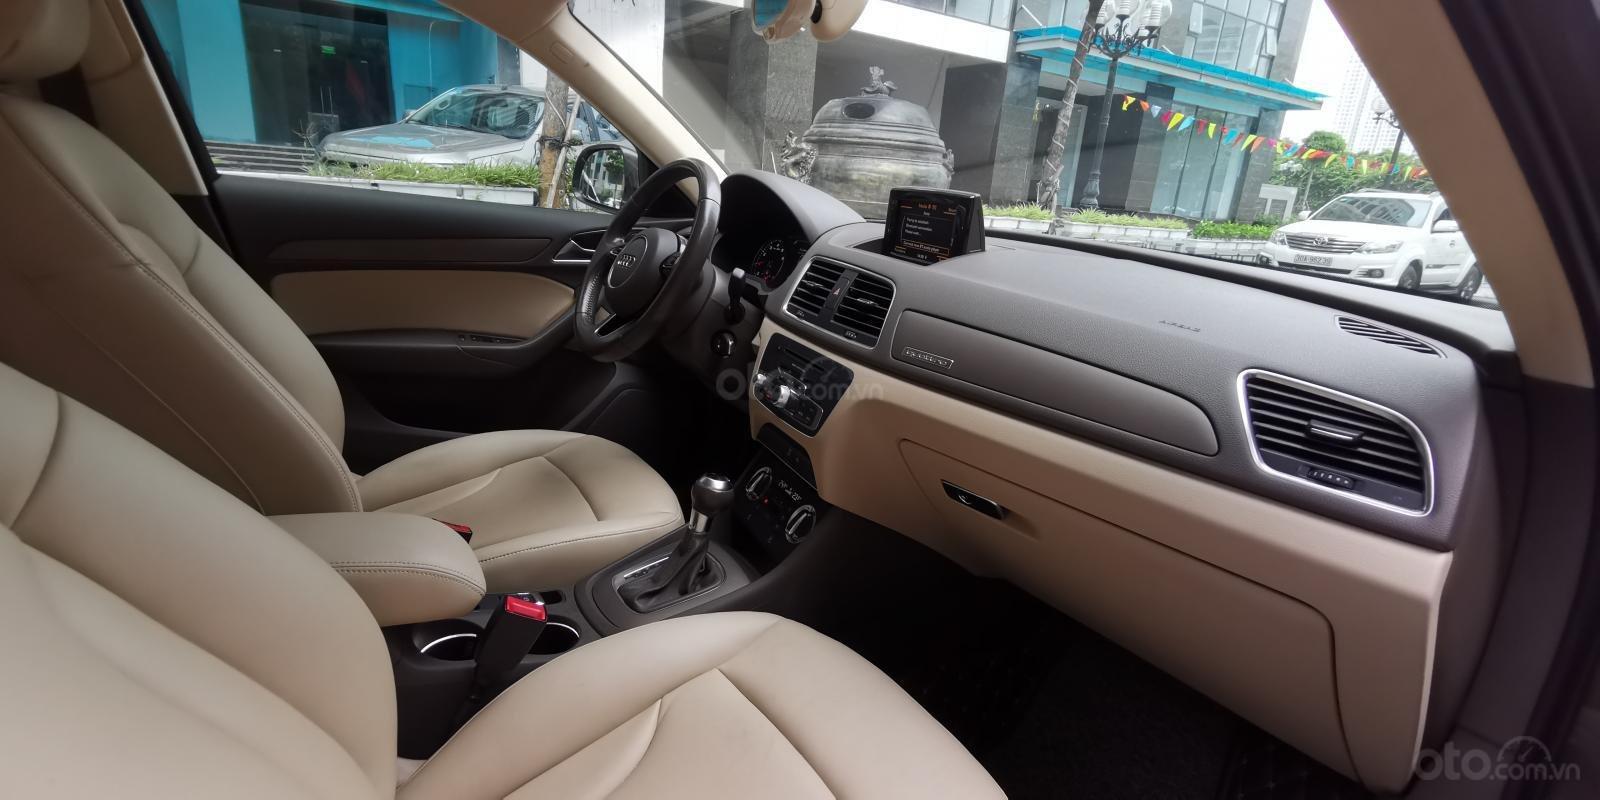 Cần bán Audi Q3 sản xuất 2015 nhập khẩu (12)